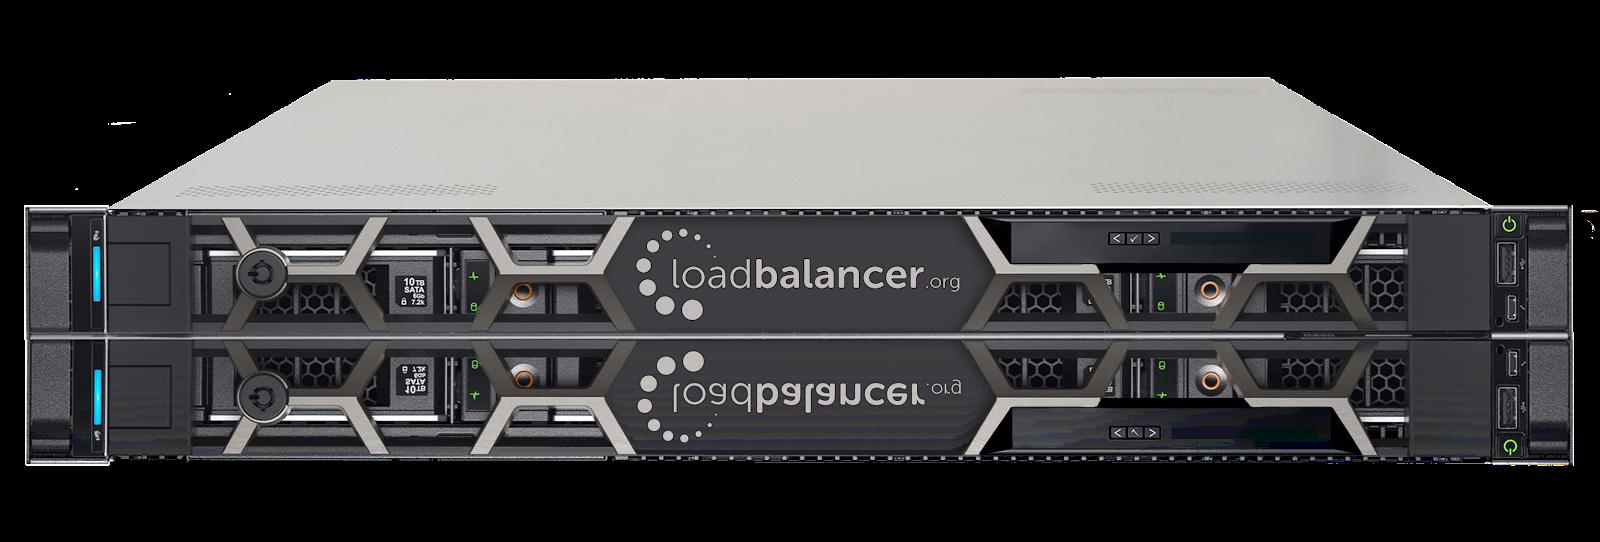 Loadbalancer-10G